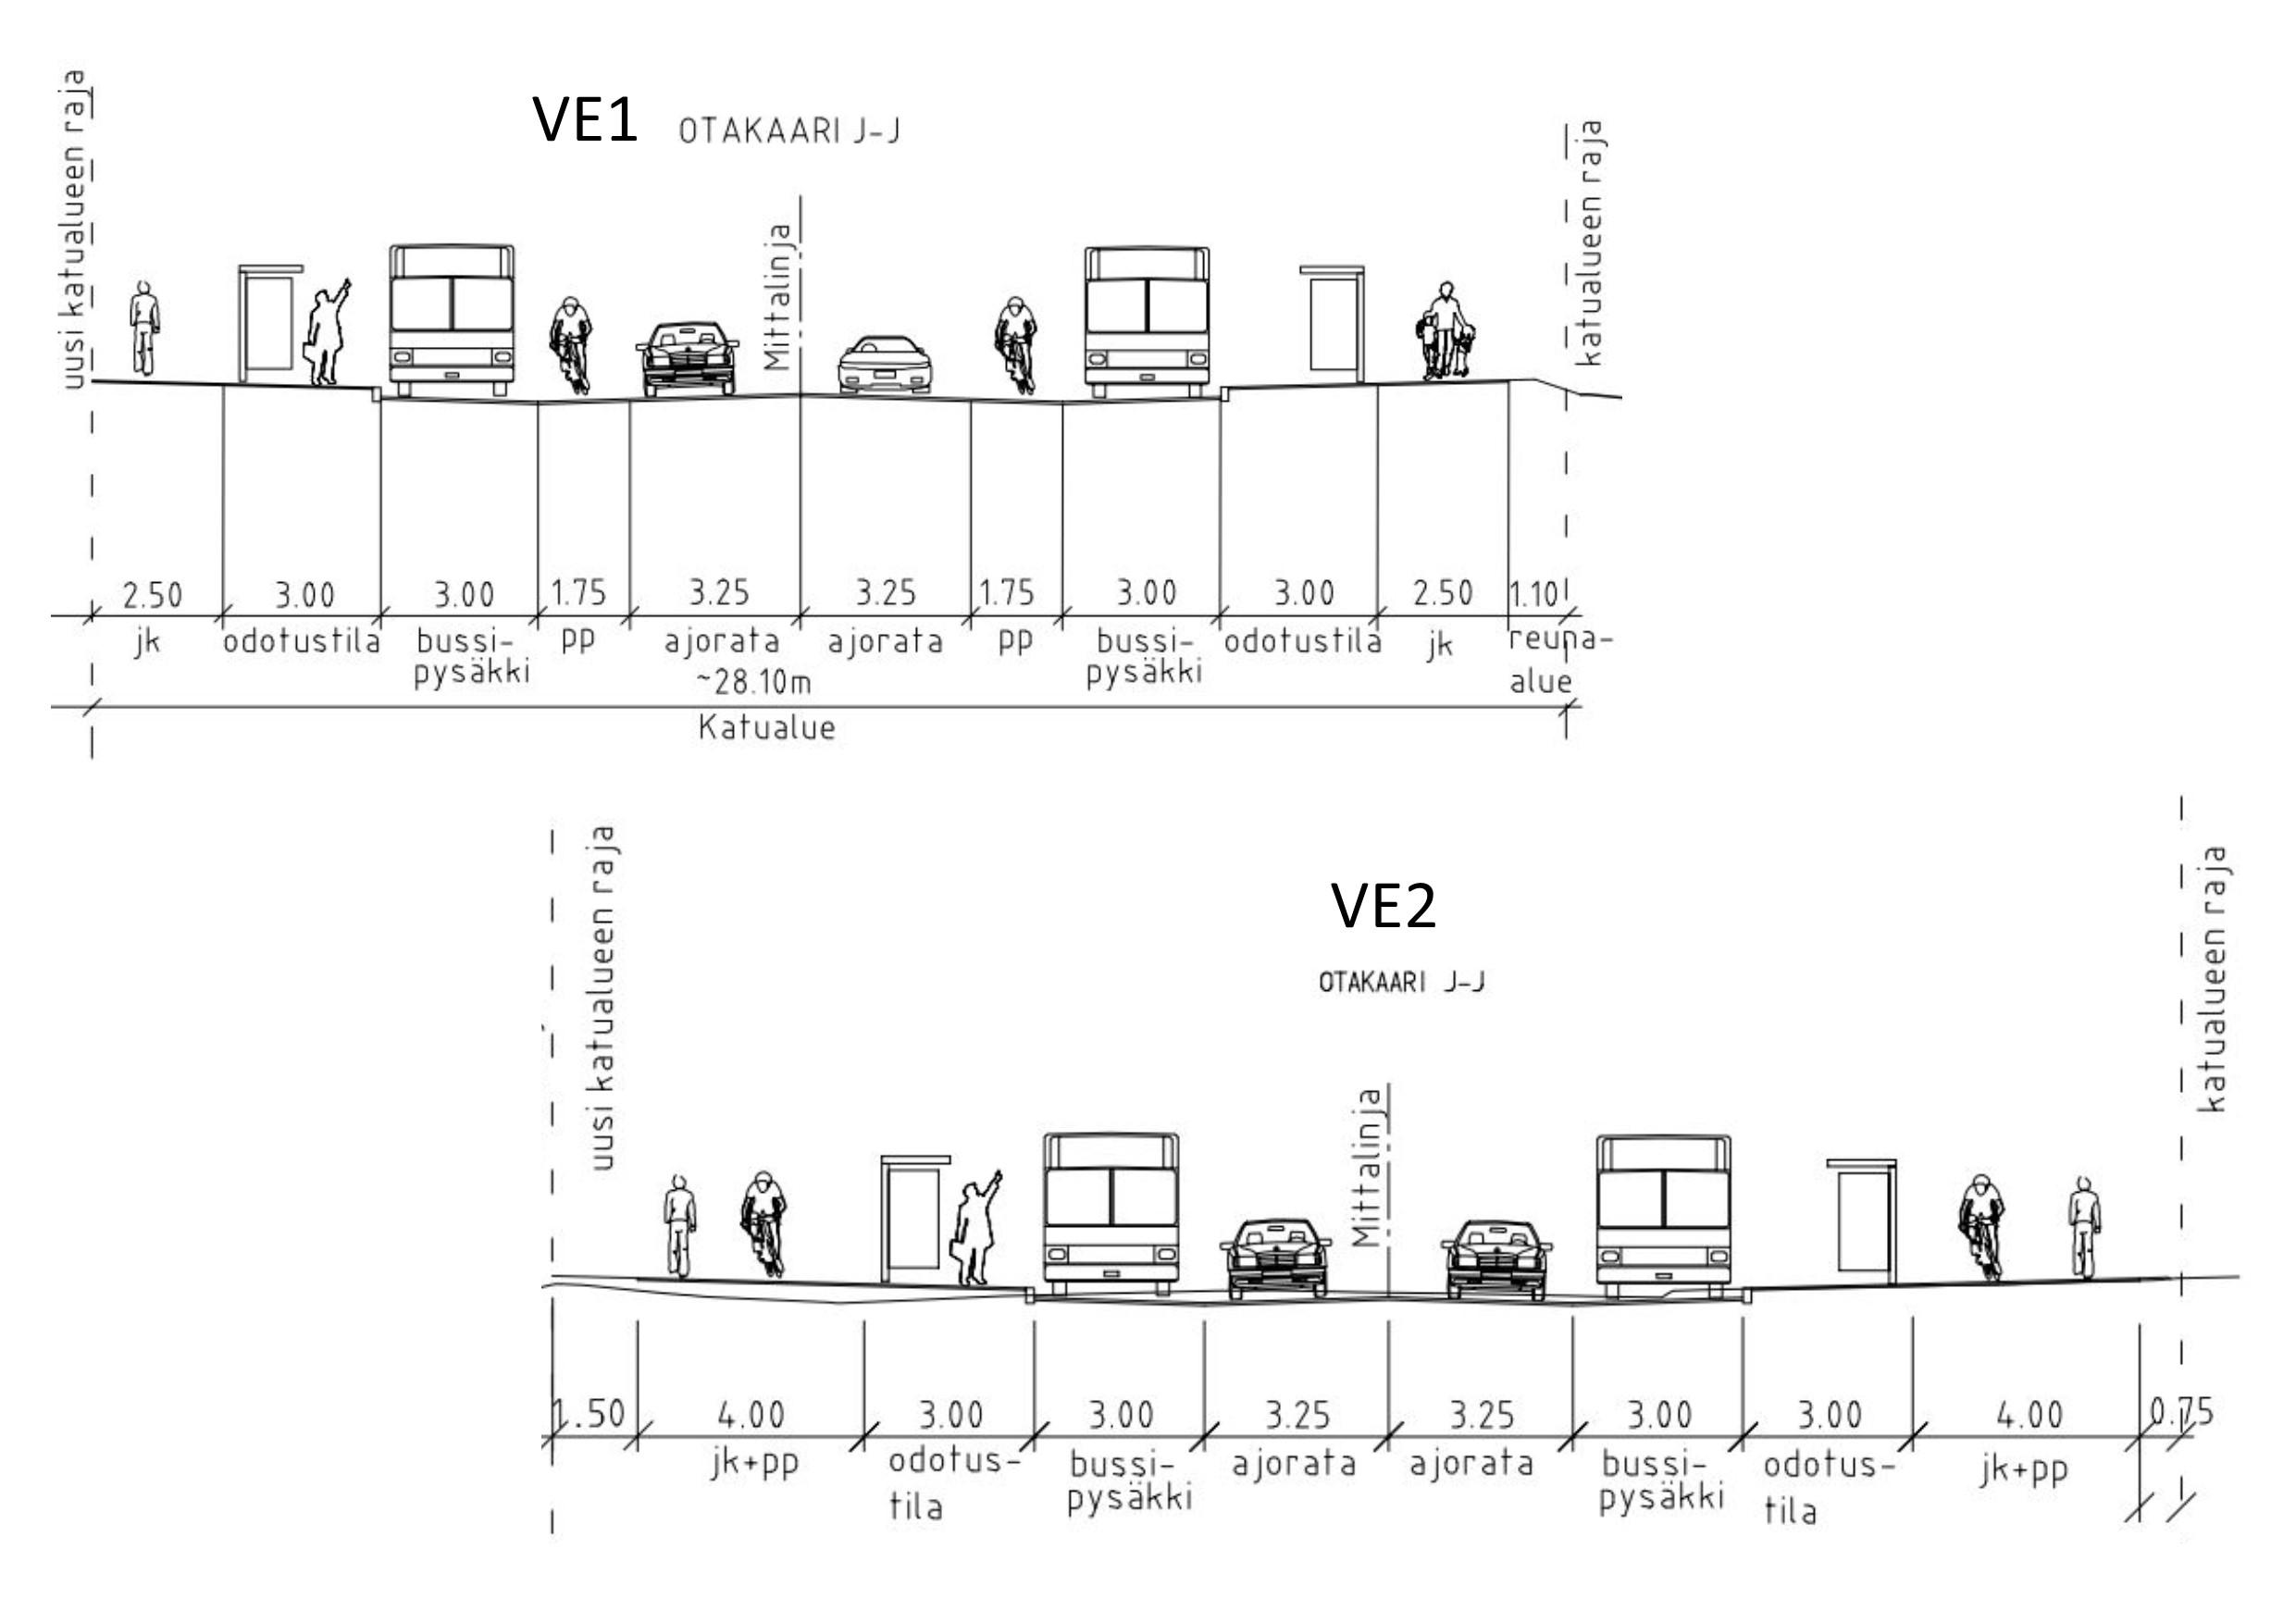 Kuva: Tyyppipoikkileikkaukset VE1 ja VE2